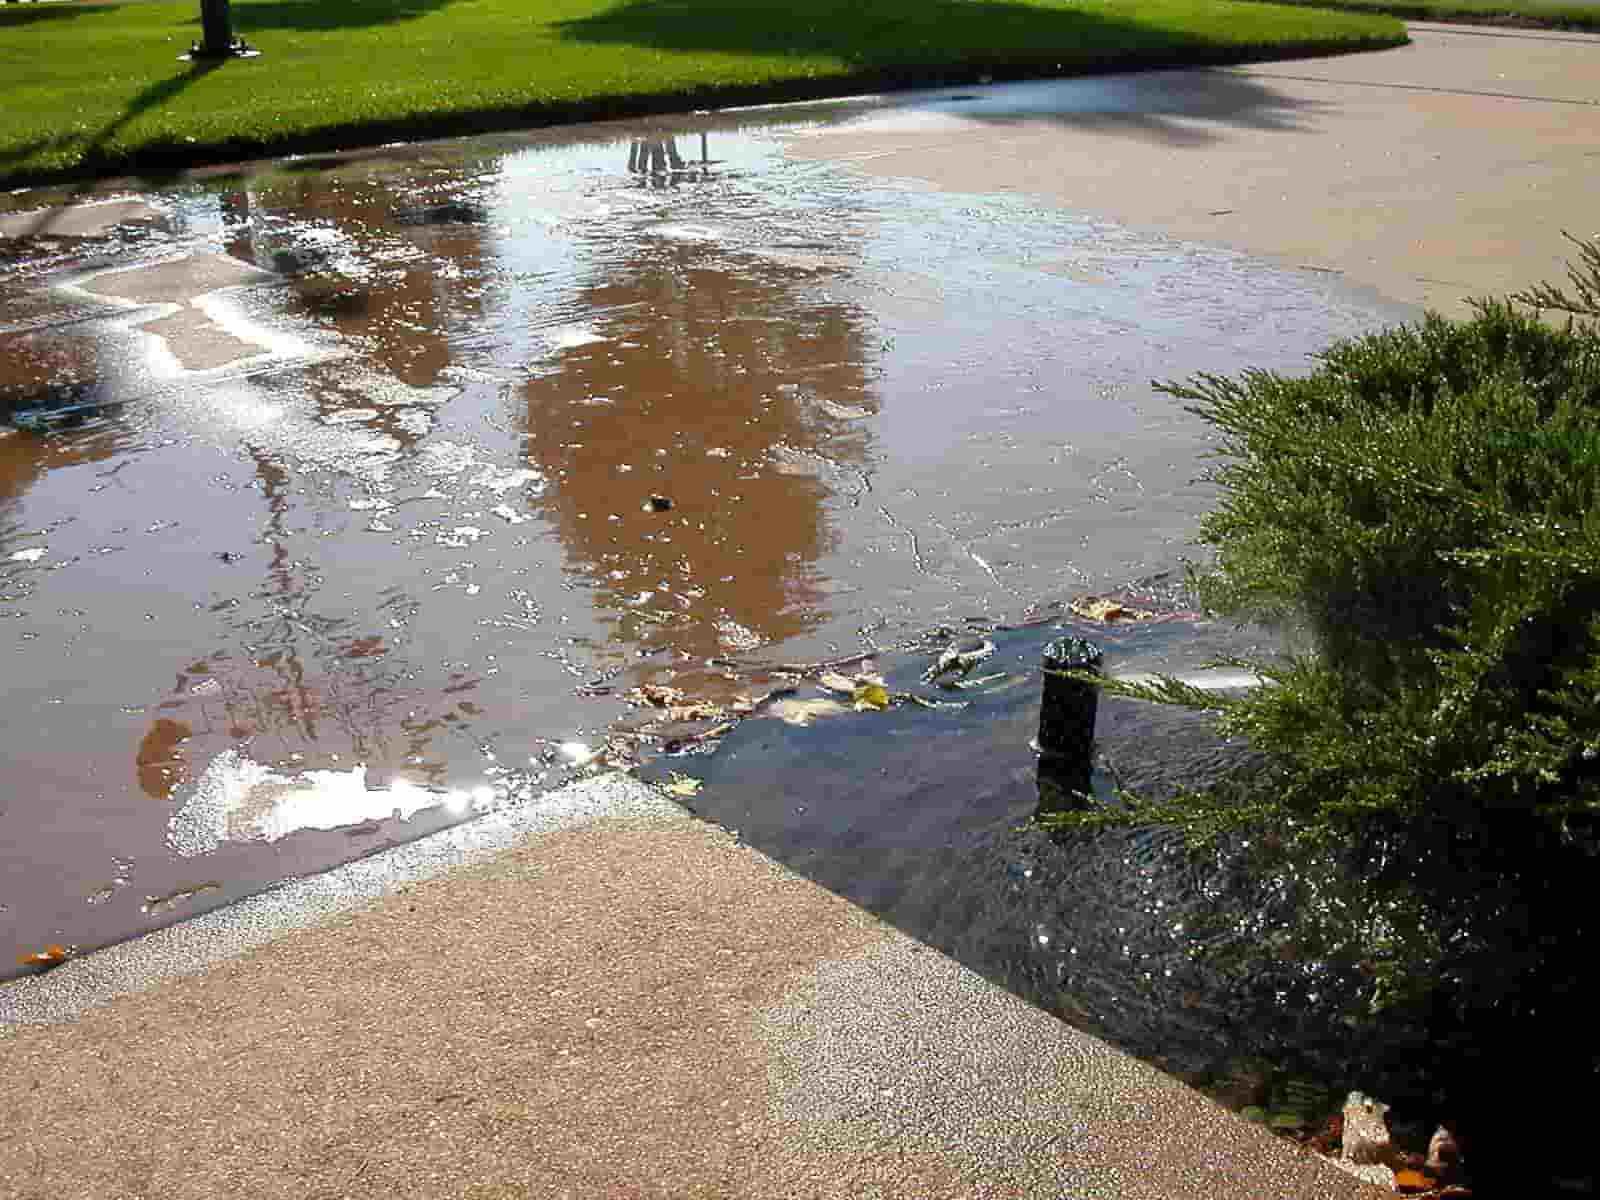 Sprinkler pipe leaks